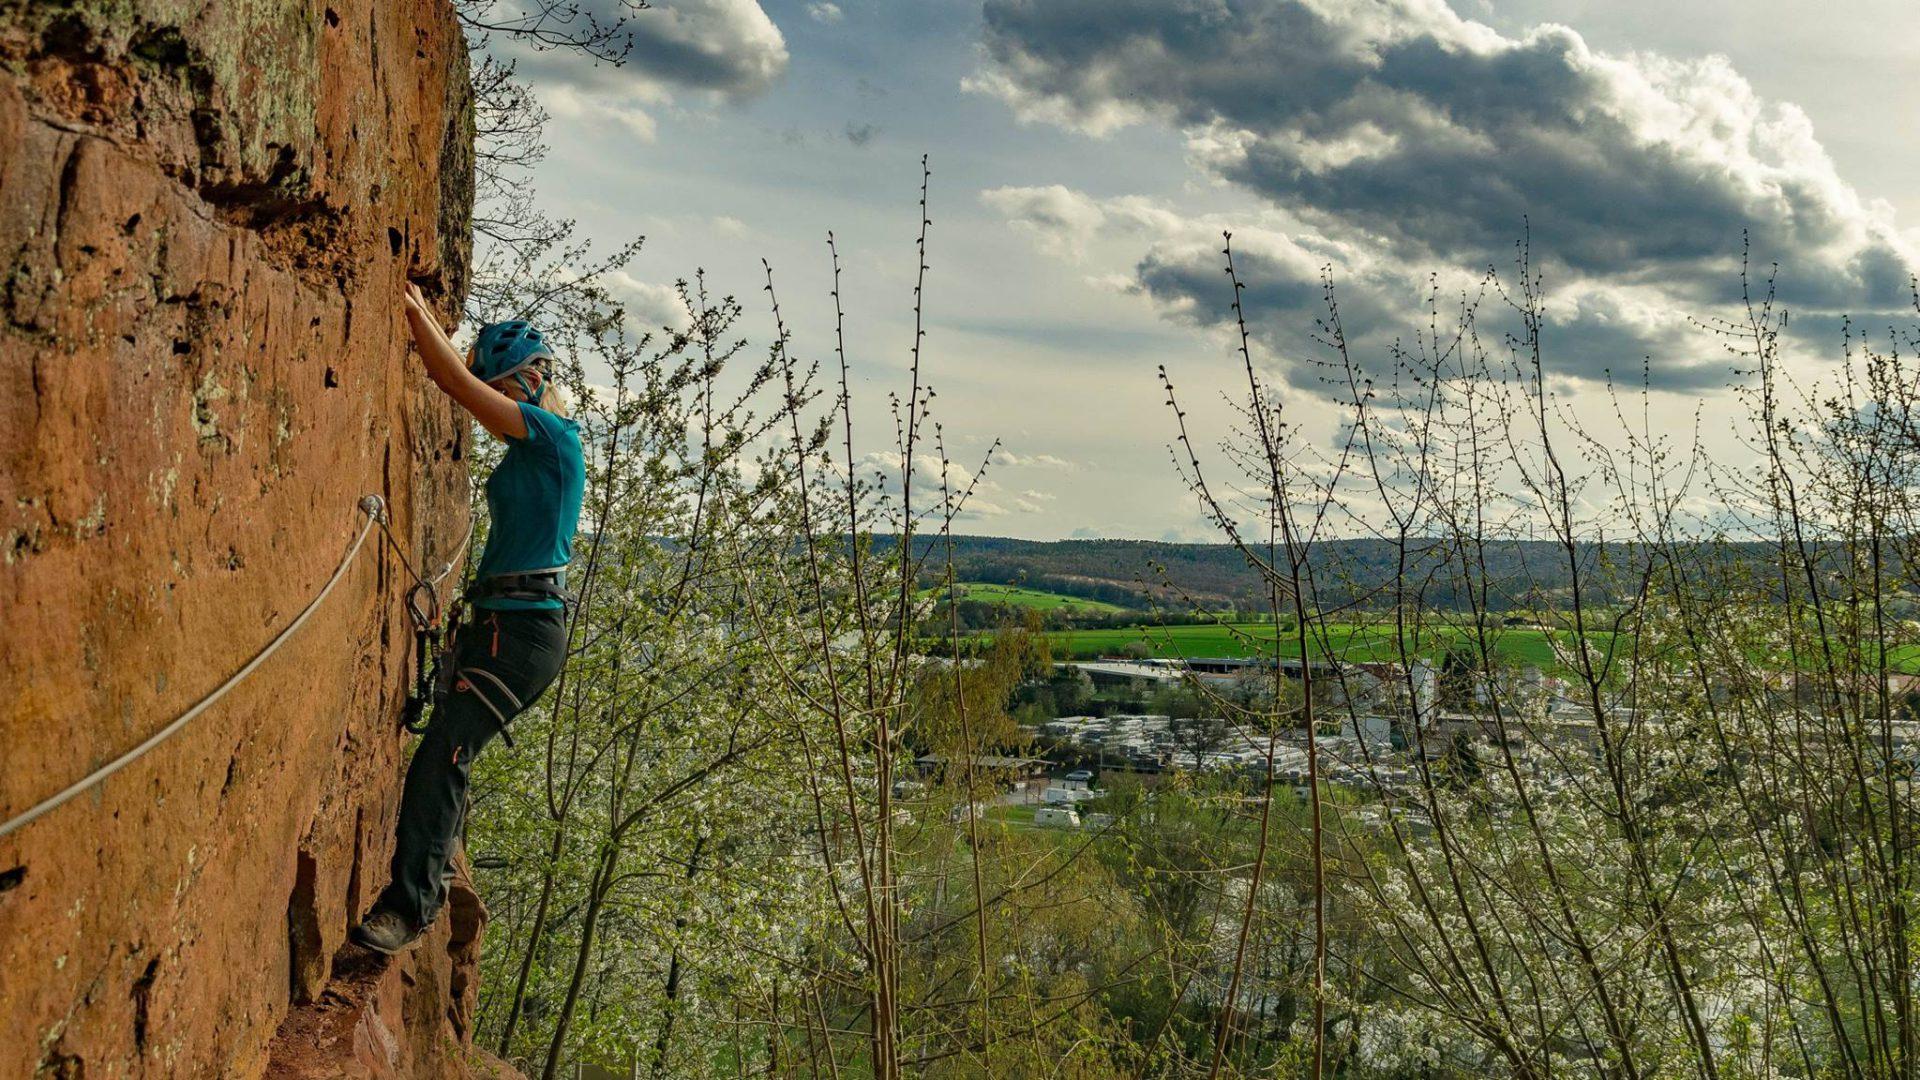 Klettersteig Hessen : Klettersteige bei frankfurt u die klettersteig trilogie im odenwald